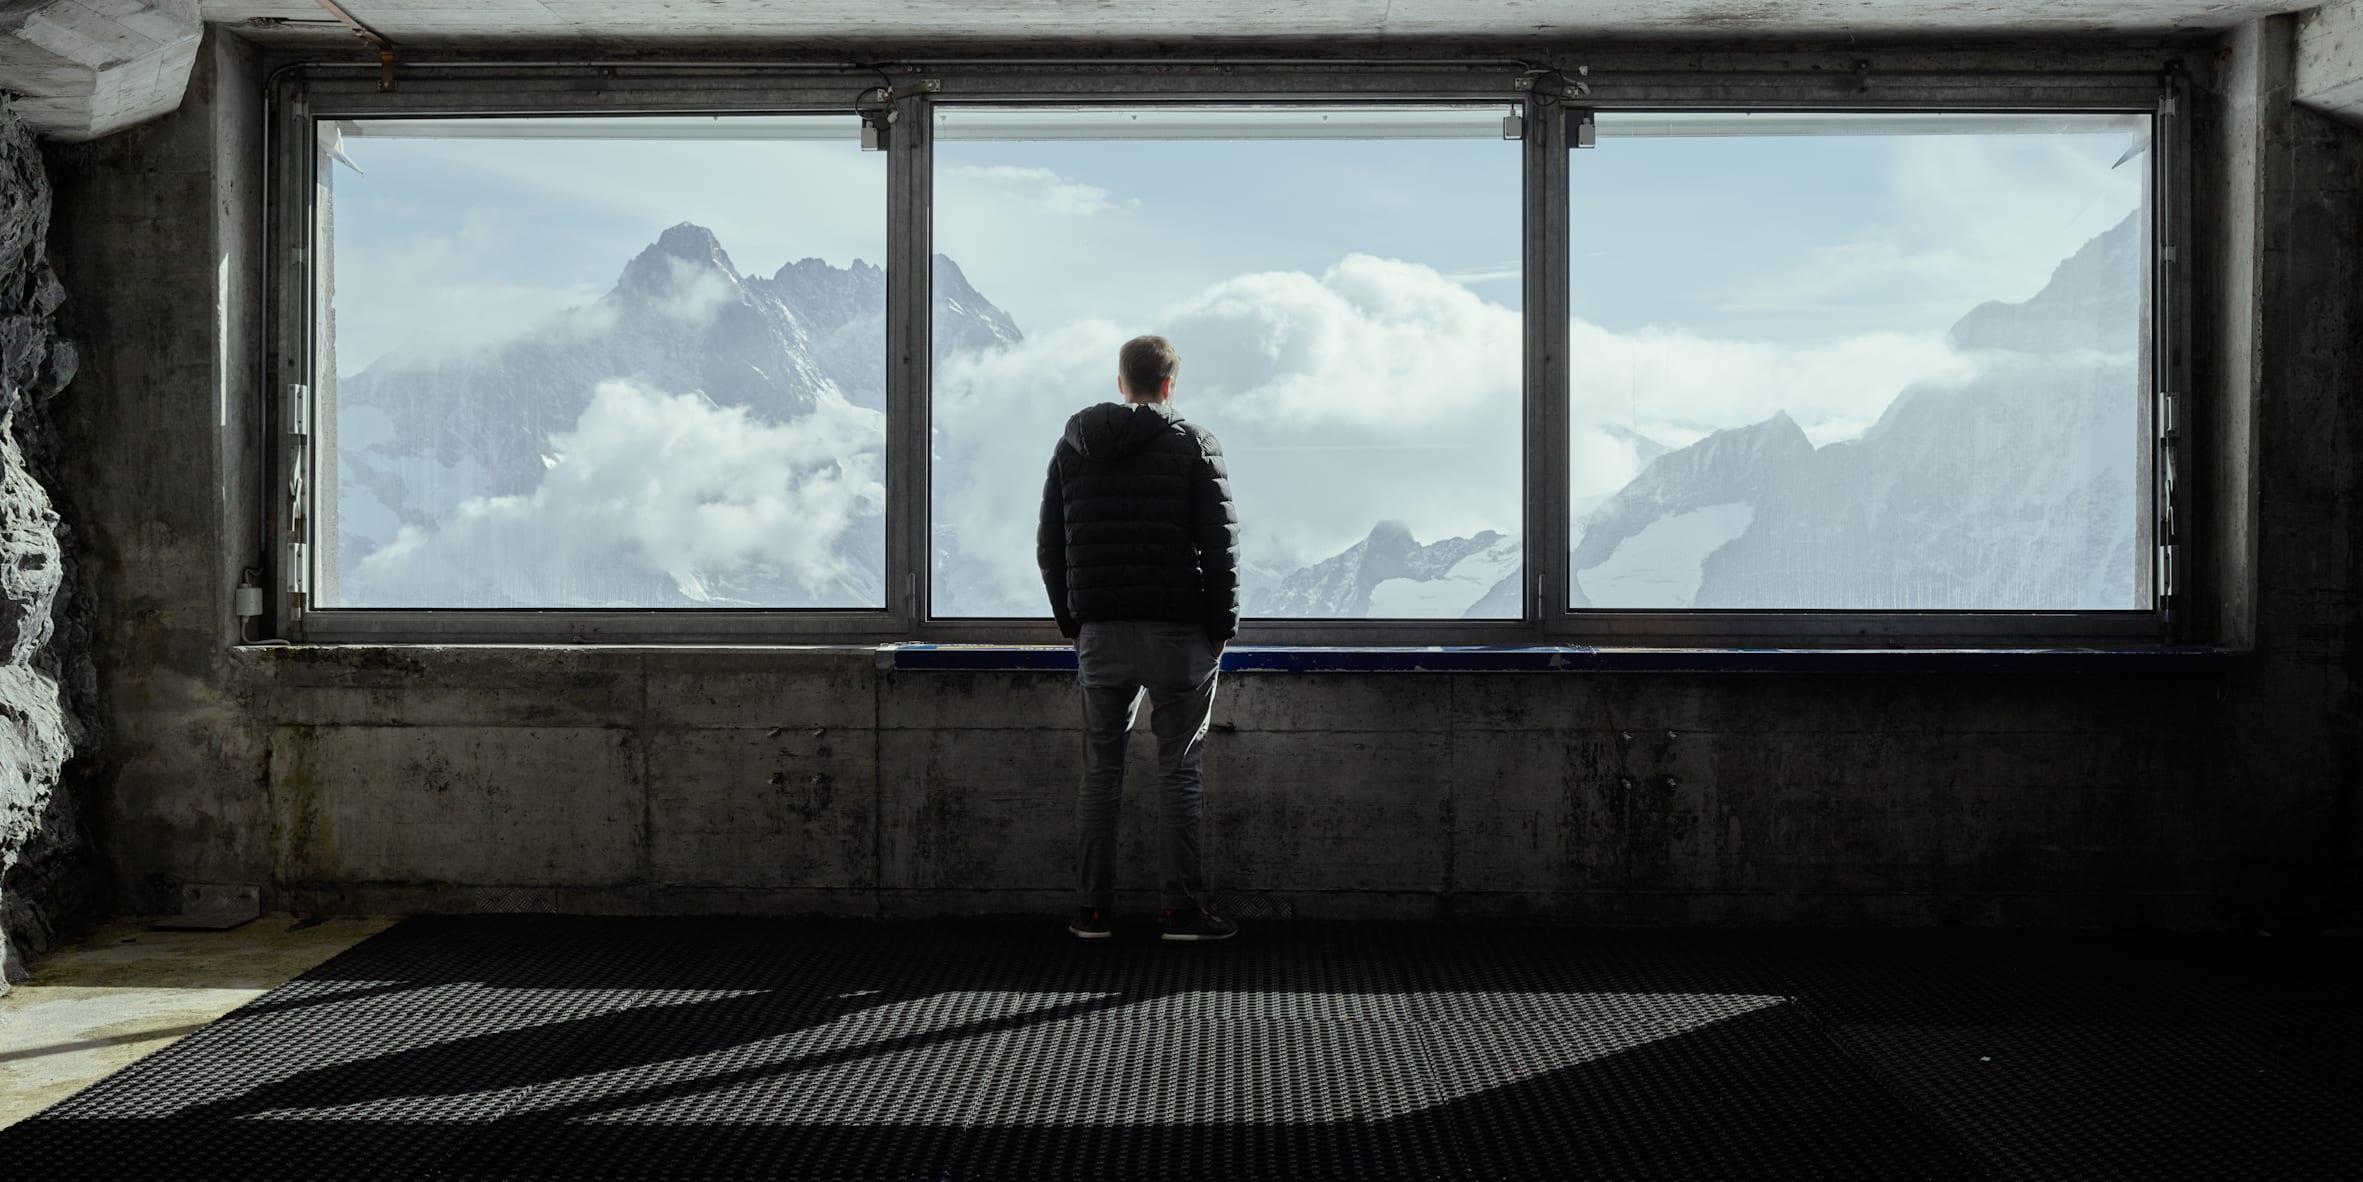 Jungfrau Railway station Eismeer (Sea of Ice) view Jungfraujoch